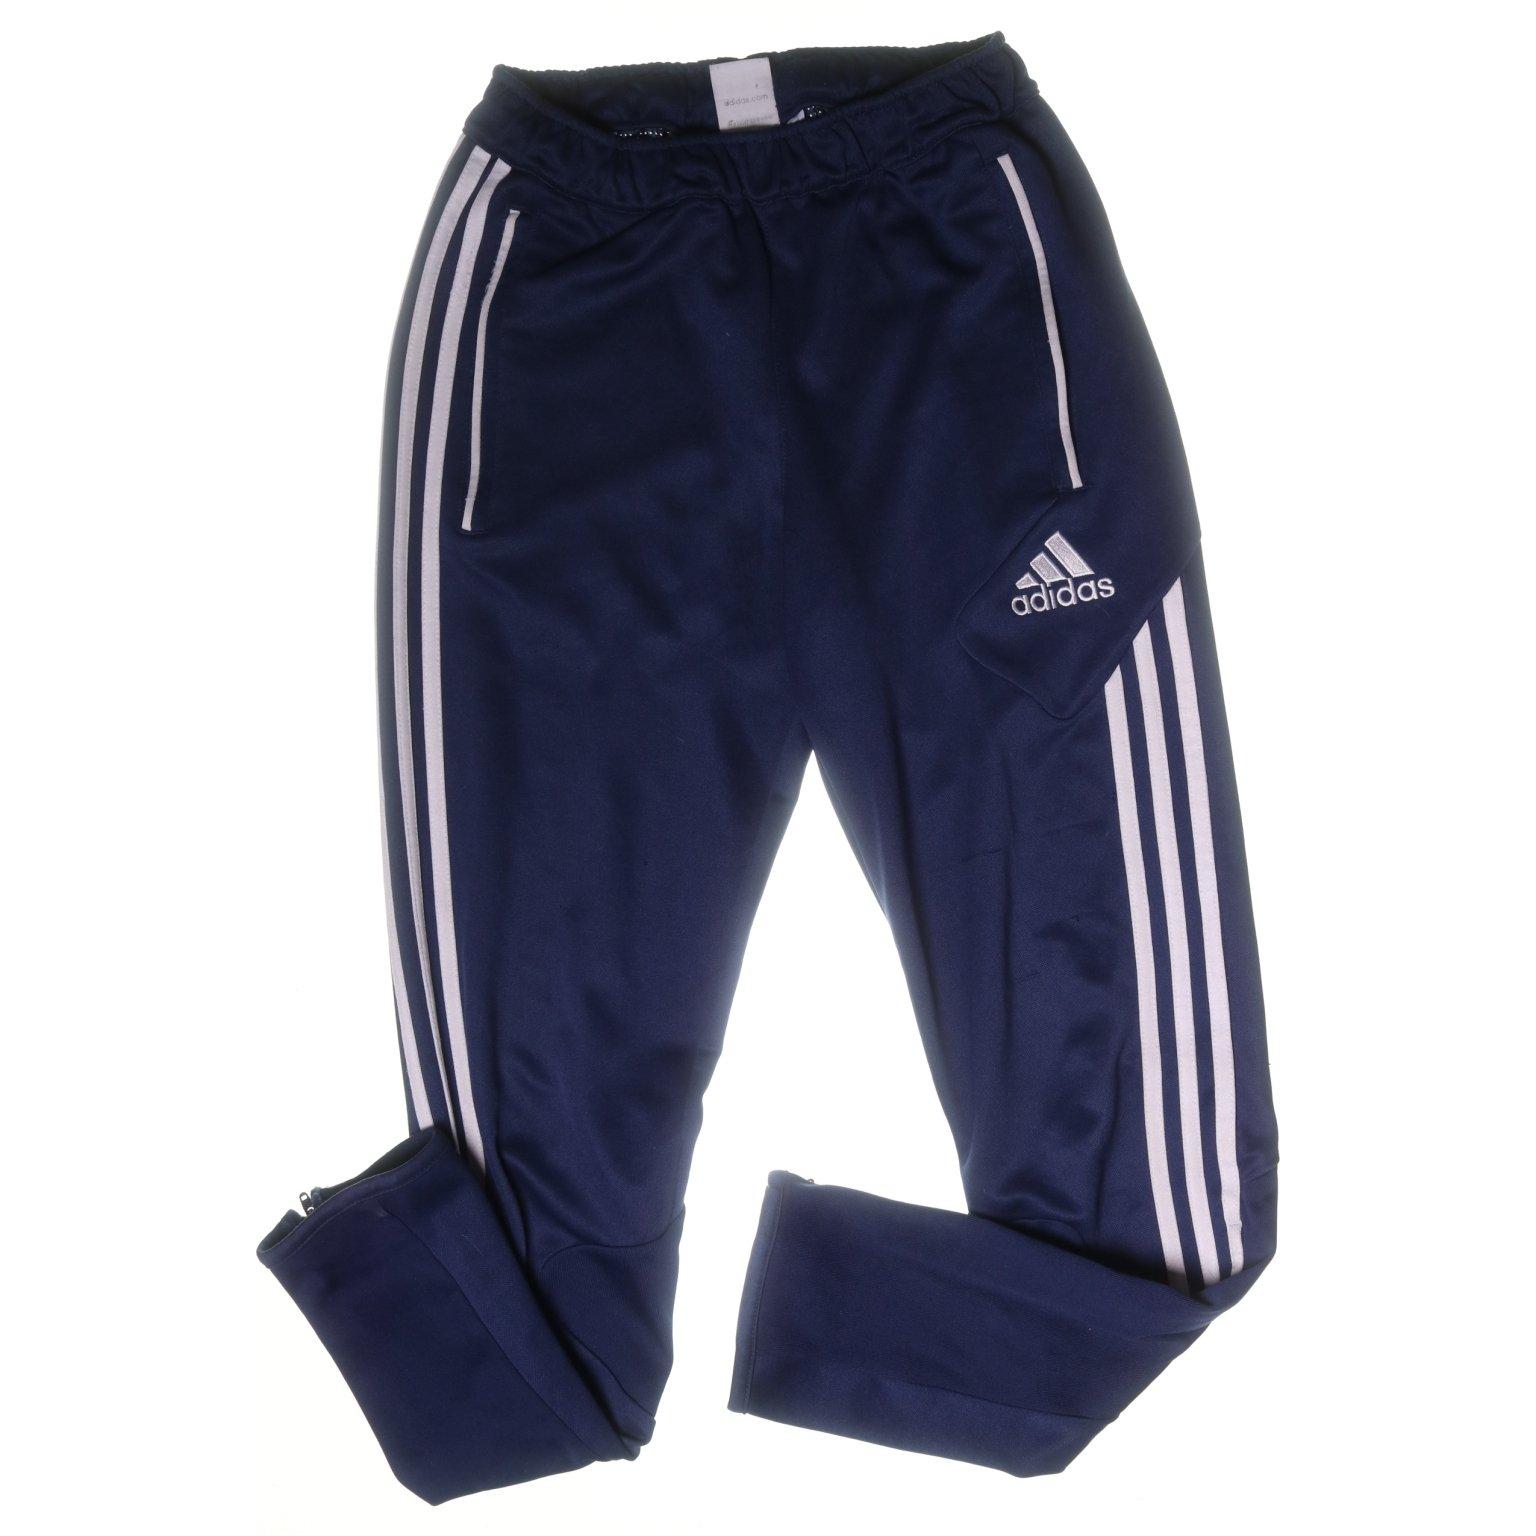 Adidas, Träningsbyxor, Strl: 164, Blå